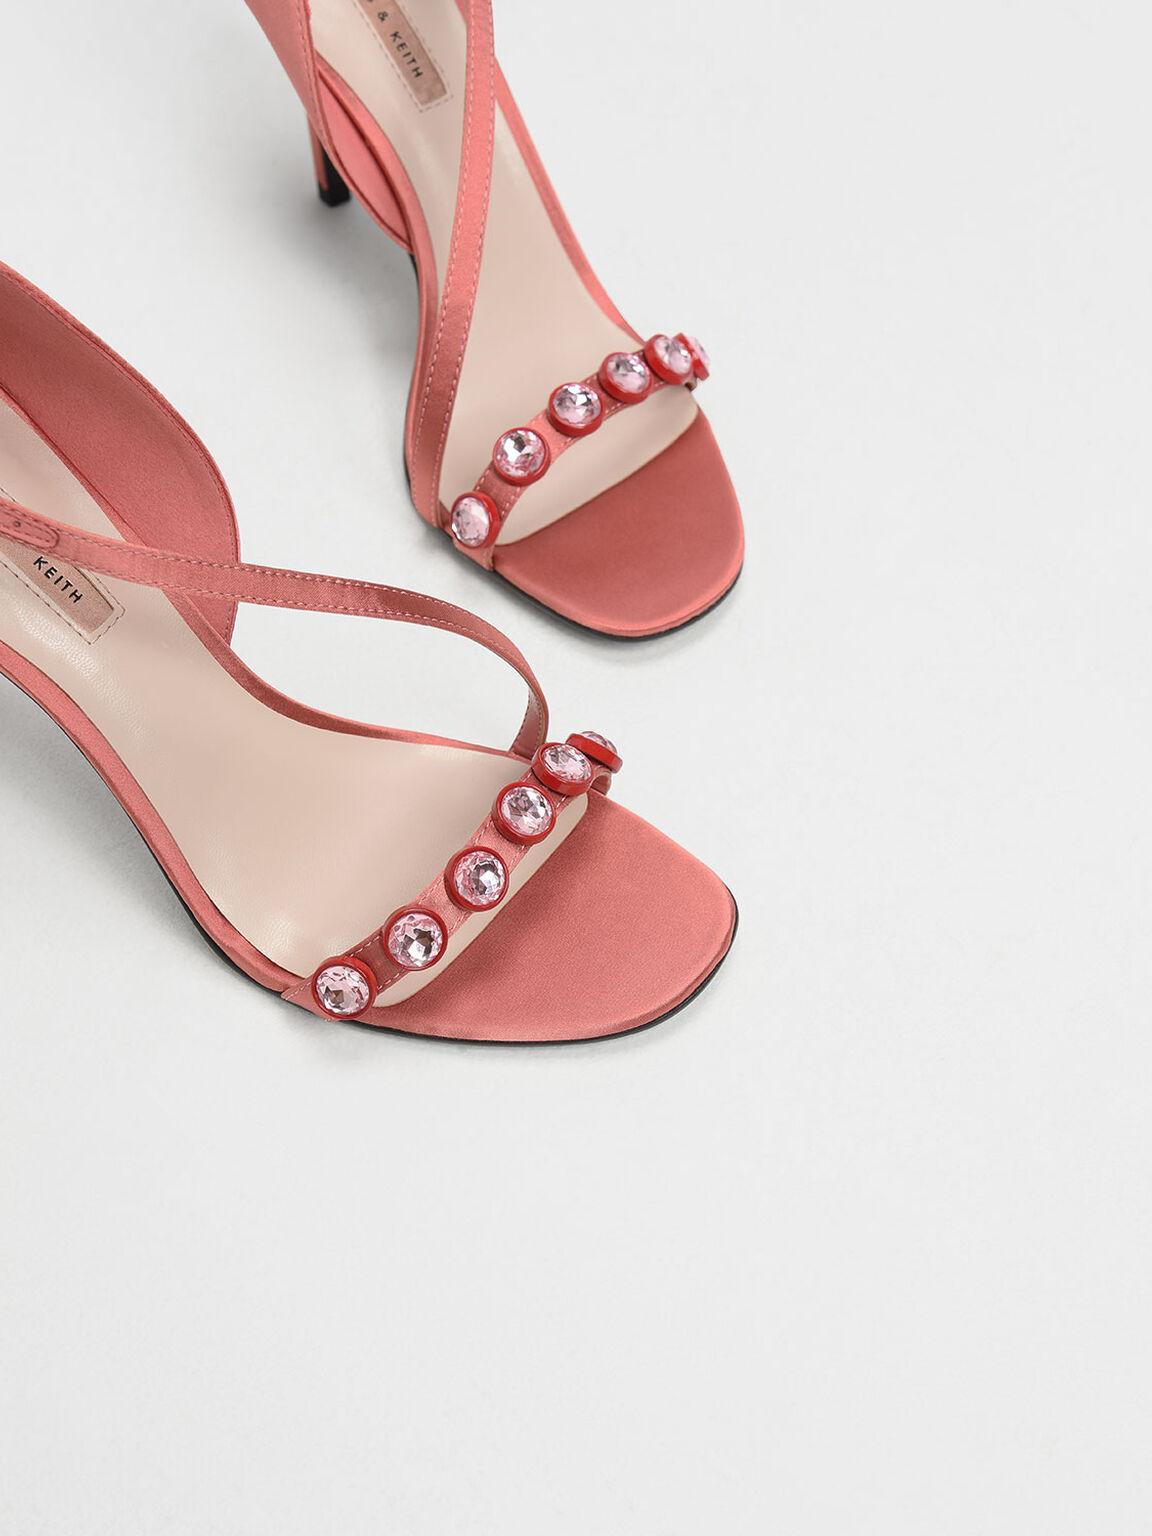 Embellished Strappy Heels, Coral Pink, hi-res